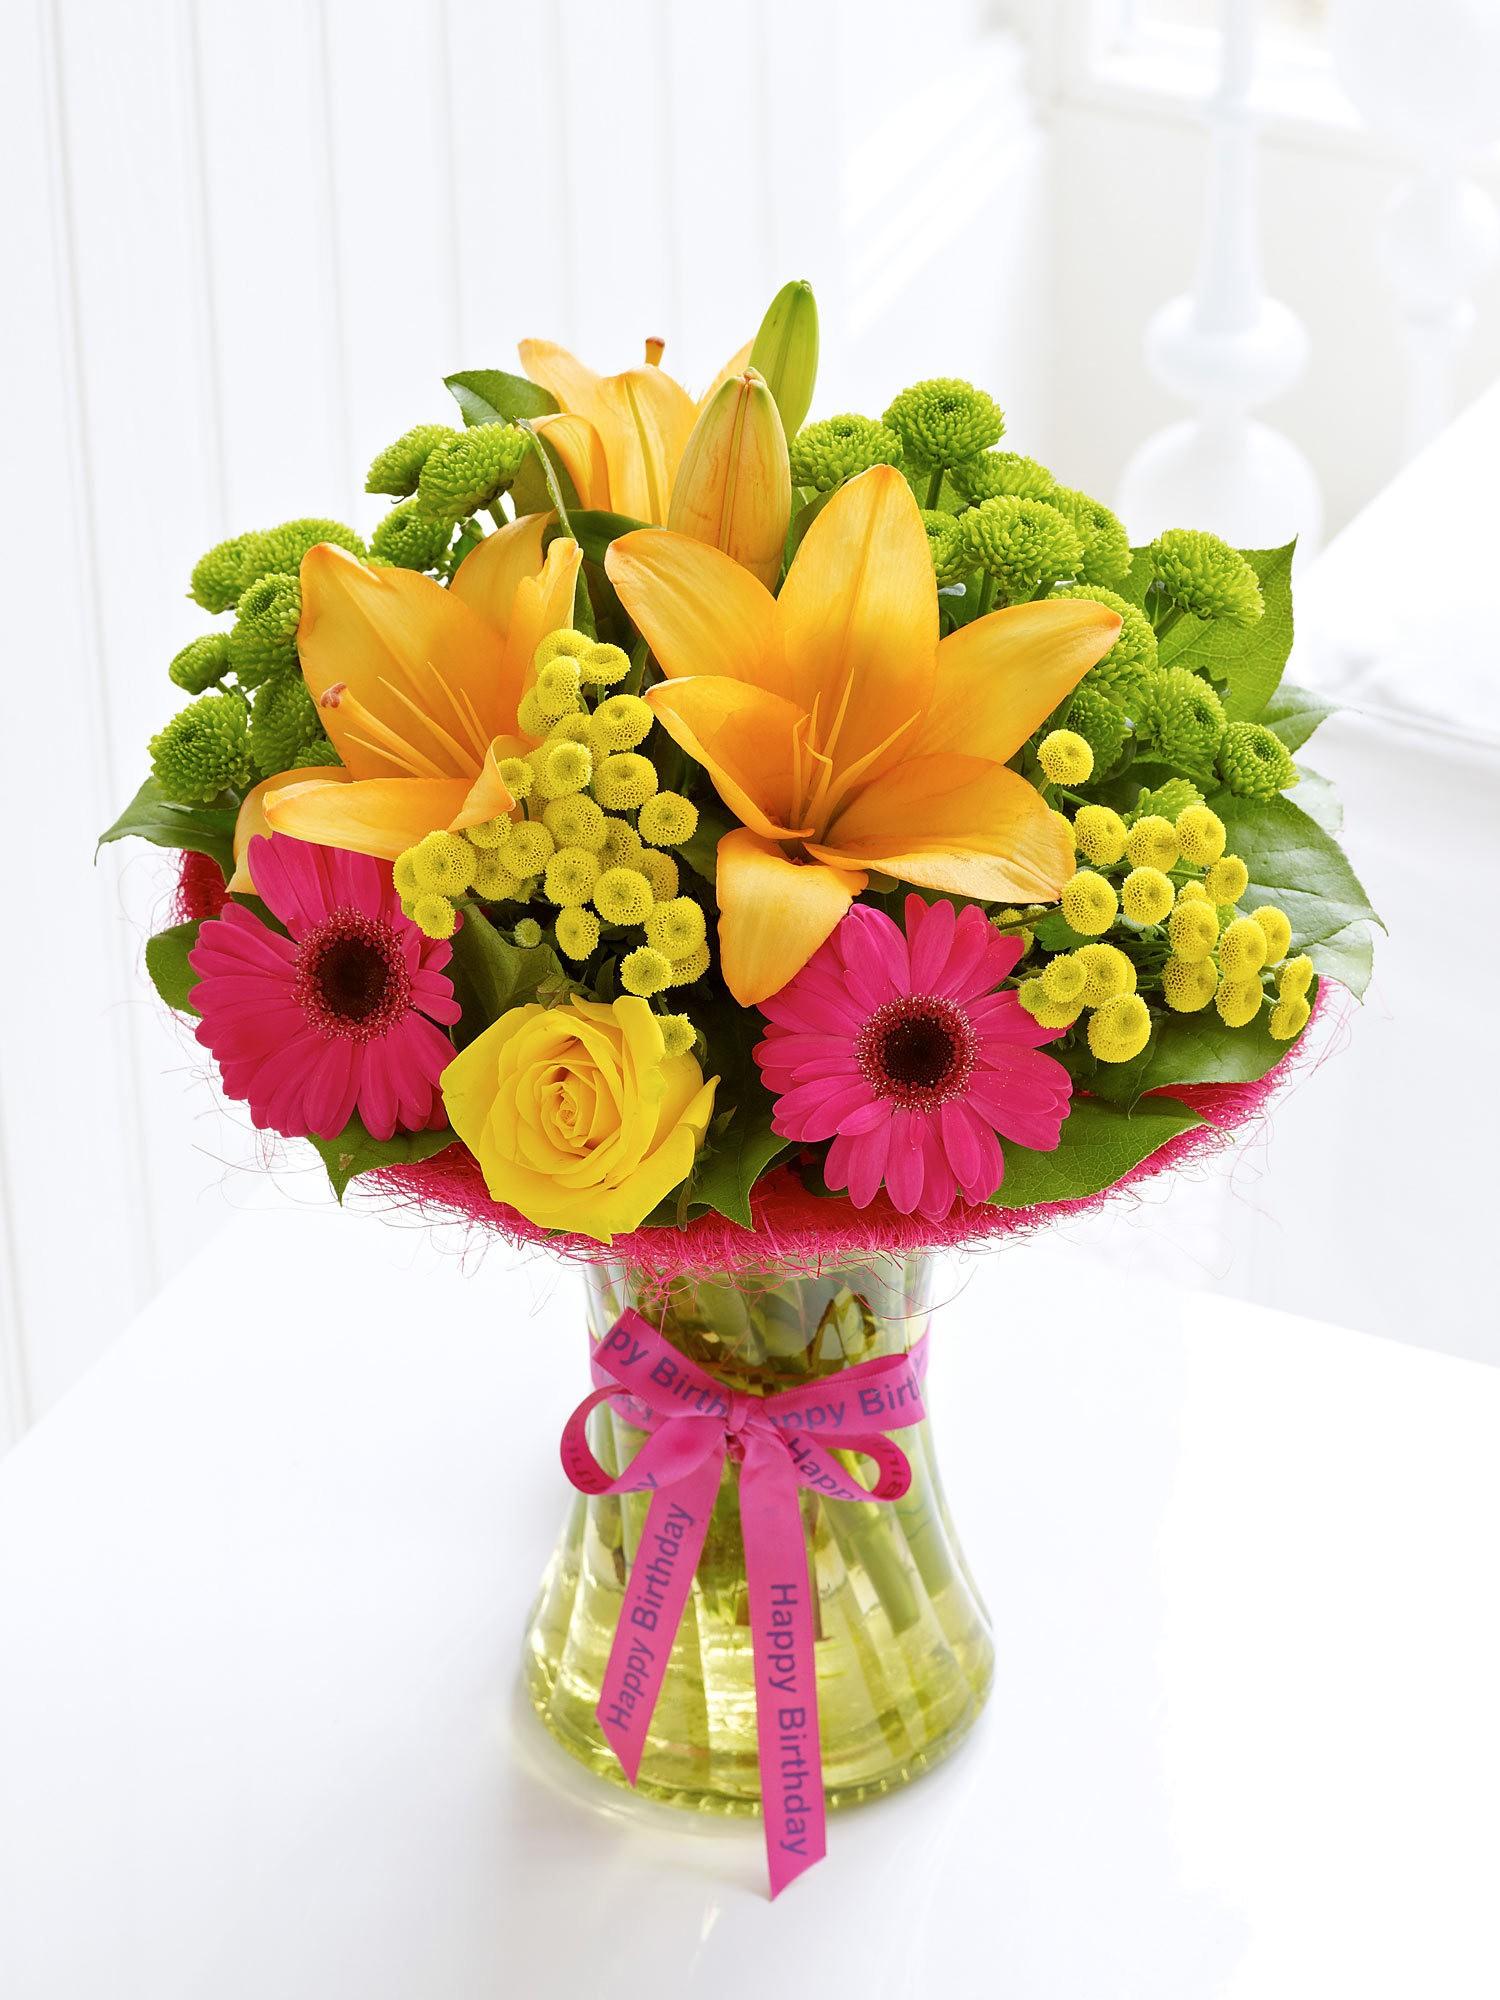 Free photo: Birthday Bouquet - fresh, garden, nature - Creative ...